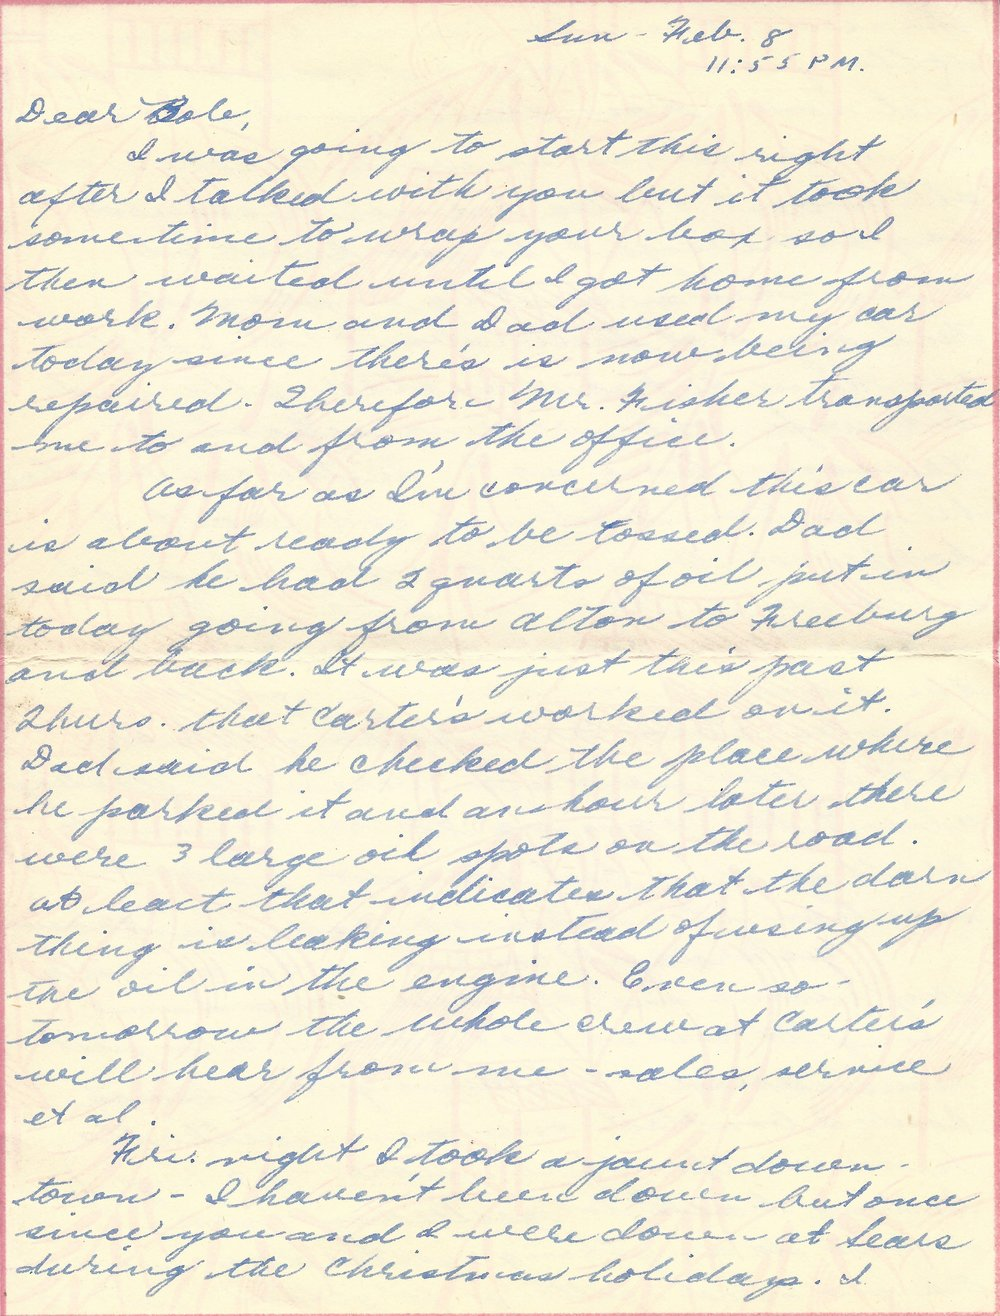 7. Feb. 8, 1953 (Oma)_Page_2.jpg